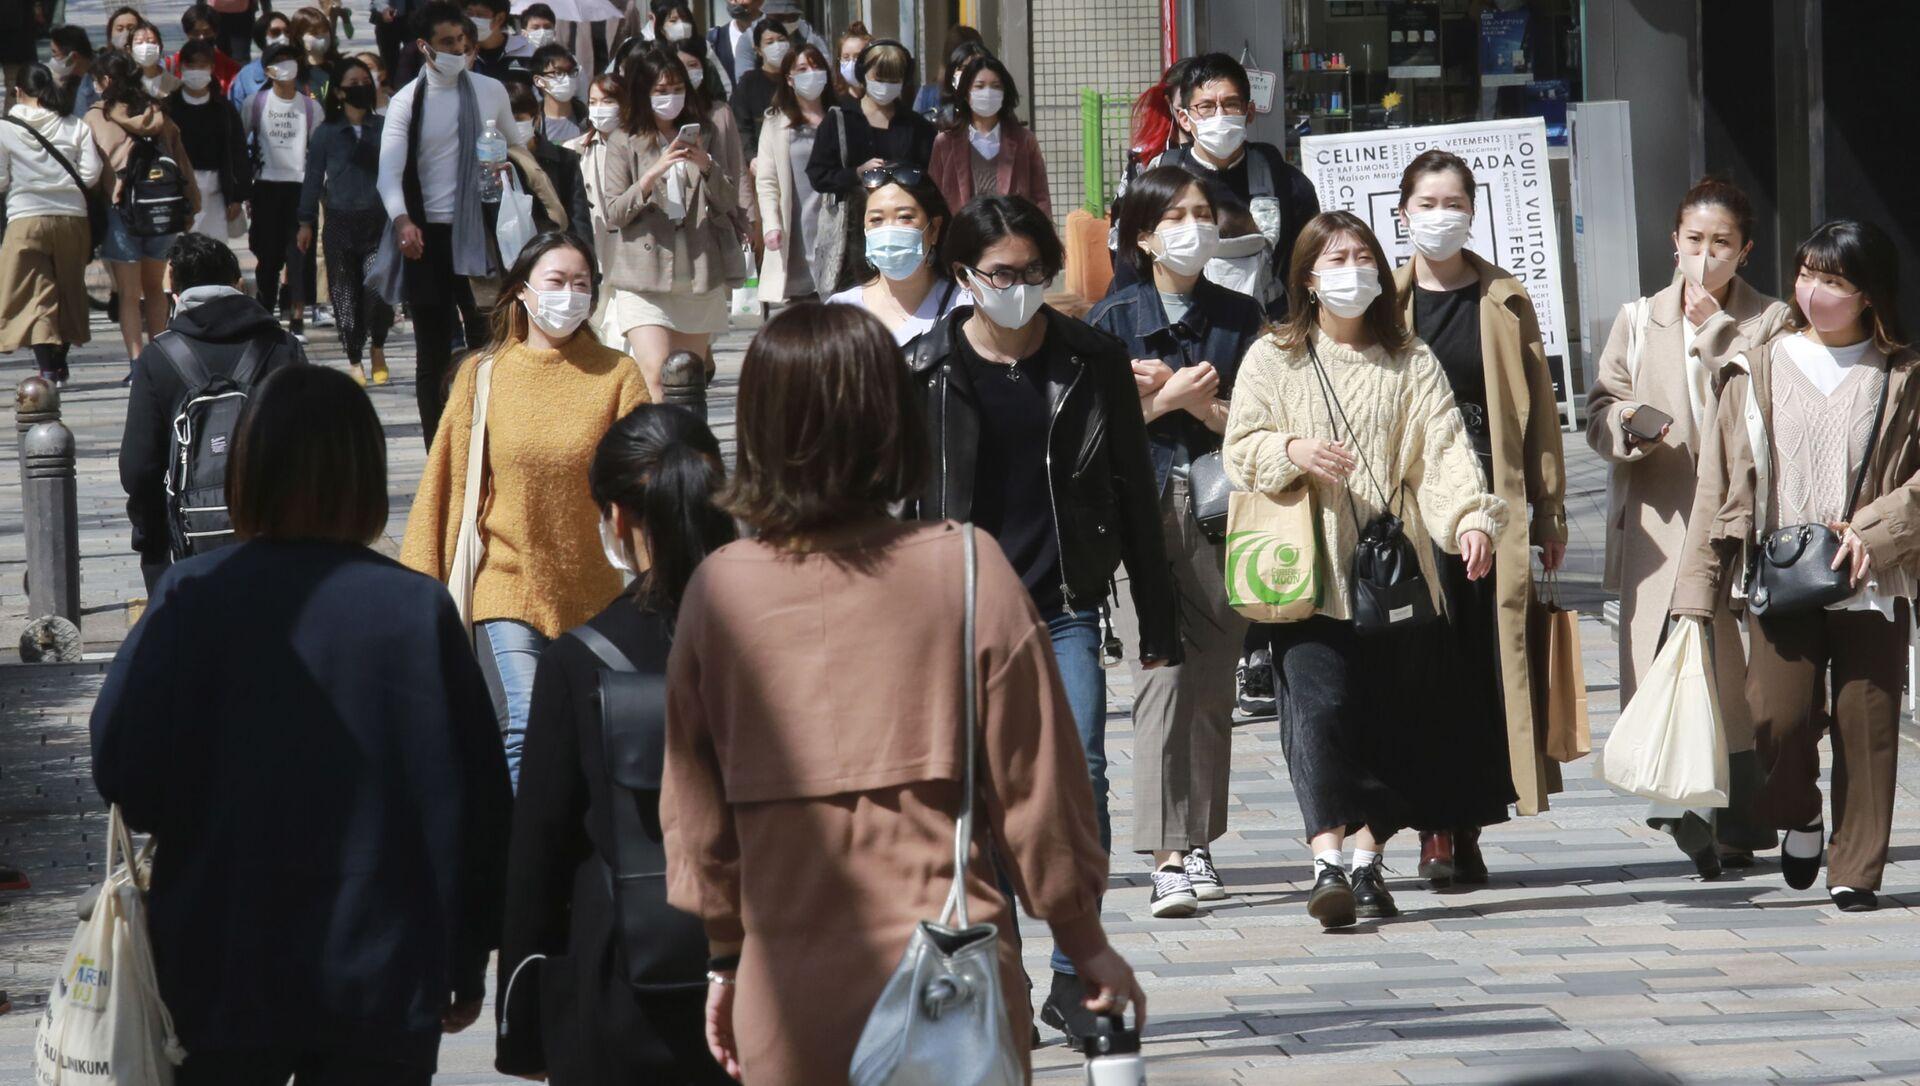 Пандемия коронавируса - жители Токио в масках - Sputnik Грузия, 1920, 01.08.2021